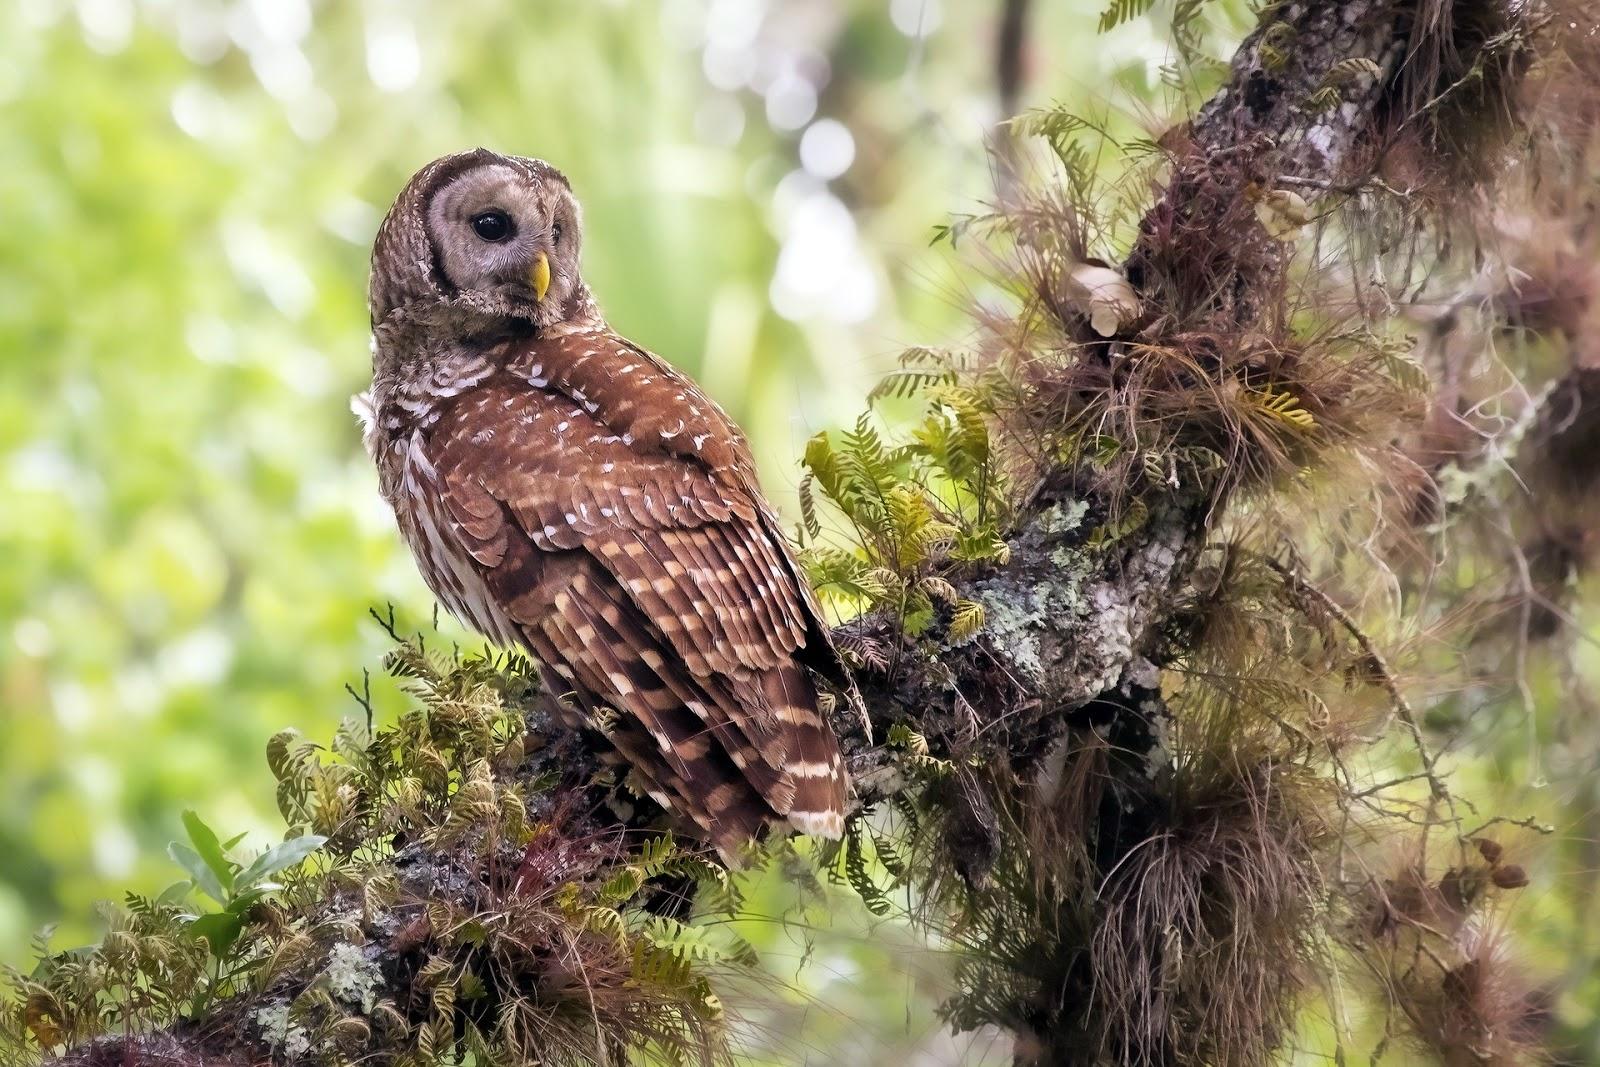 http://3.bp.blogspot.com/-NDBoSuc86JM/UPcnSQREfLI/AAAAAAAAzcc/iGIAkJHKSNA/s1600/lechuza_Imagenes-de-Aves-Exoticas.jpg